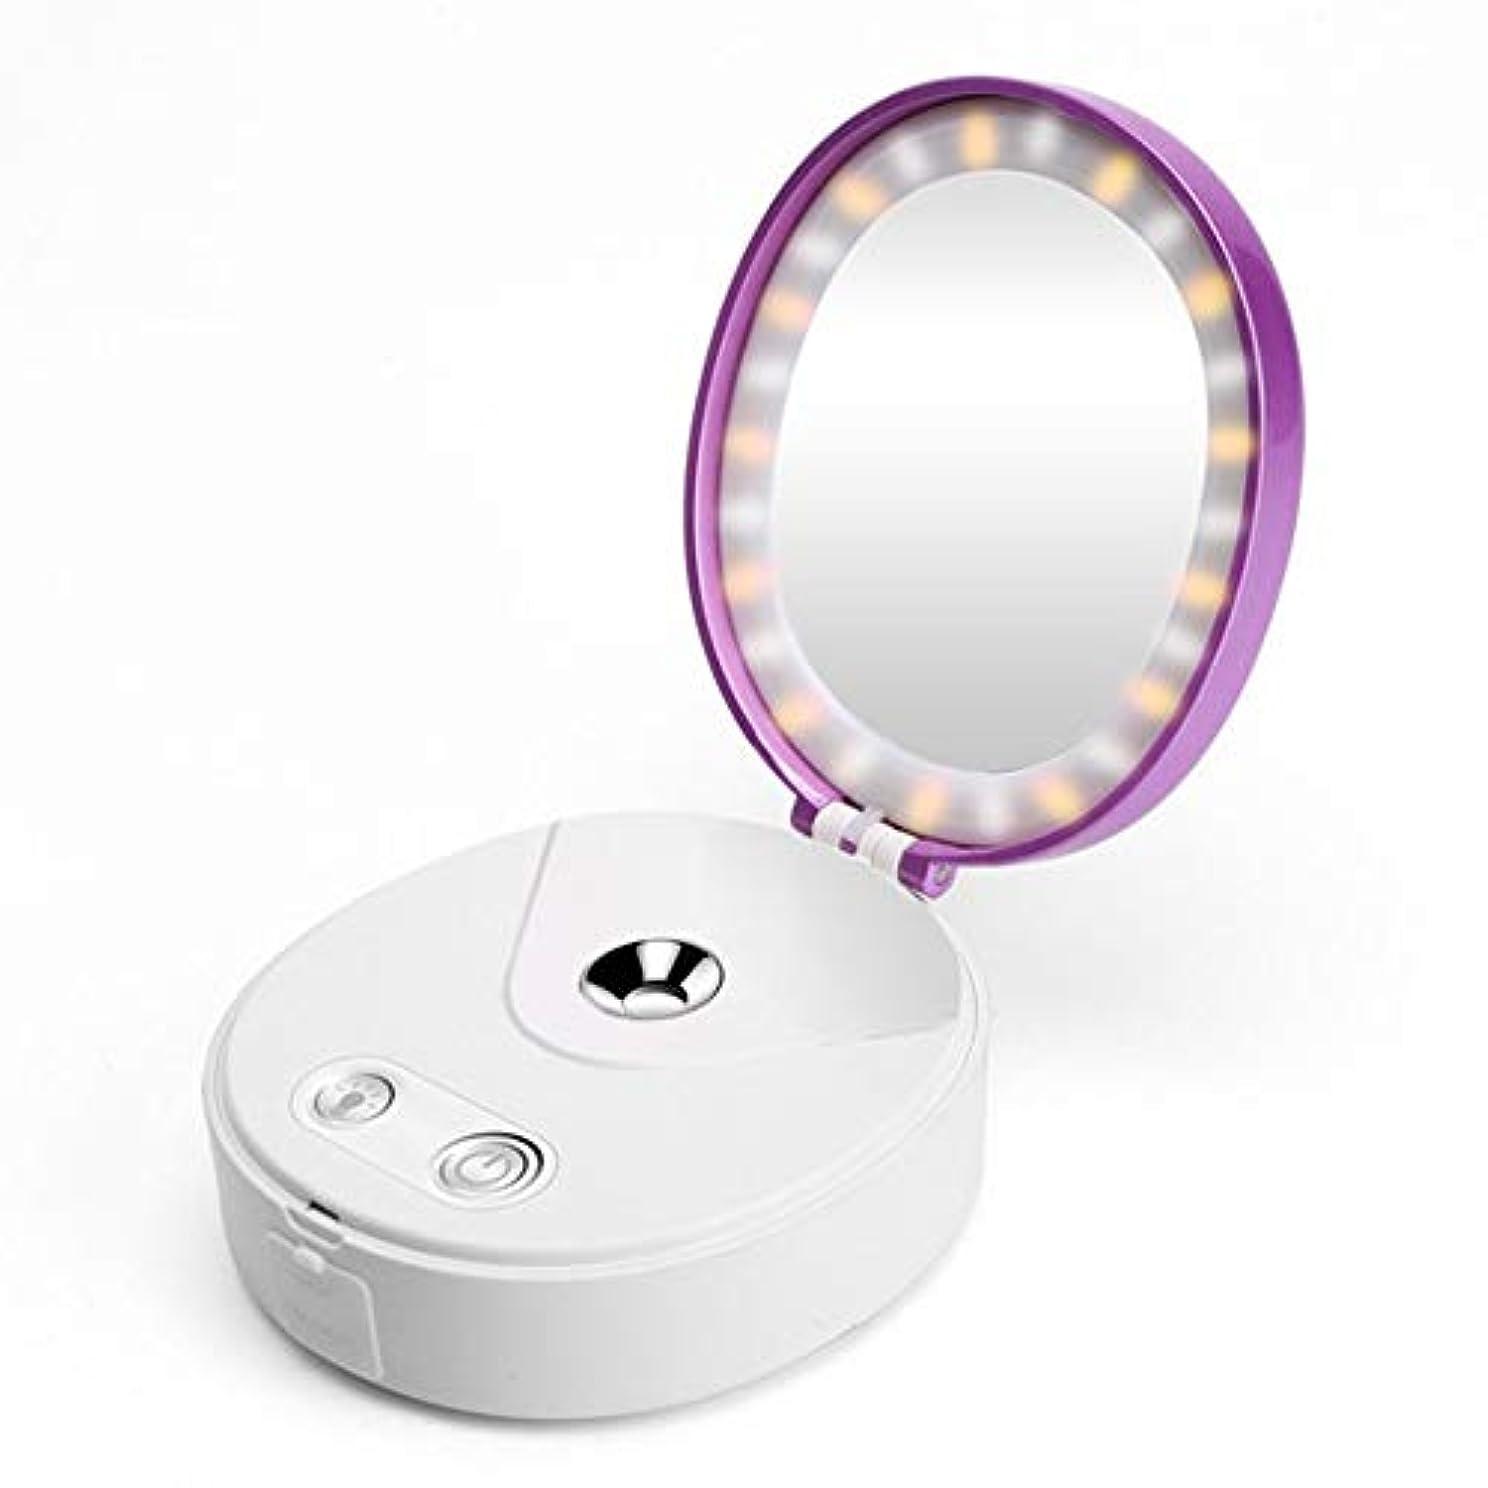 プライバシーアルコール光の化粧鏡ライト力銀行が付いている1つの小型ナノ霧の冷たいスプレーヤーの顔の加湿器に付き4つ